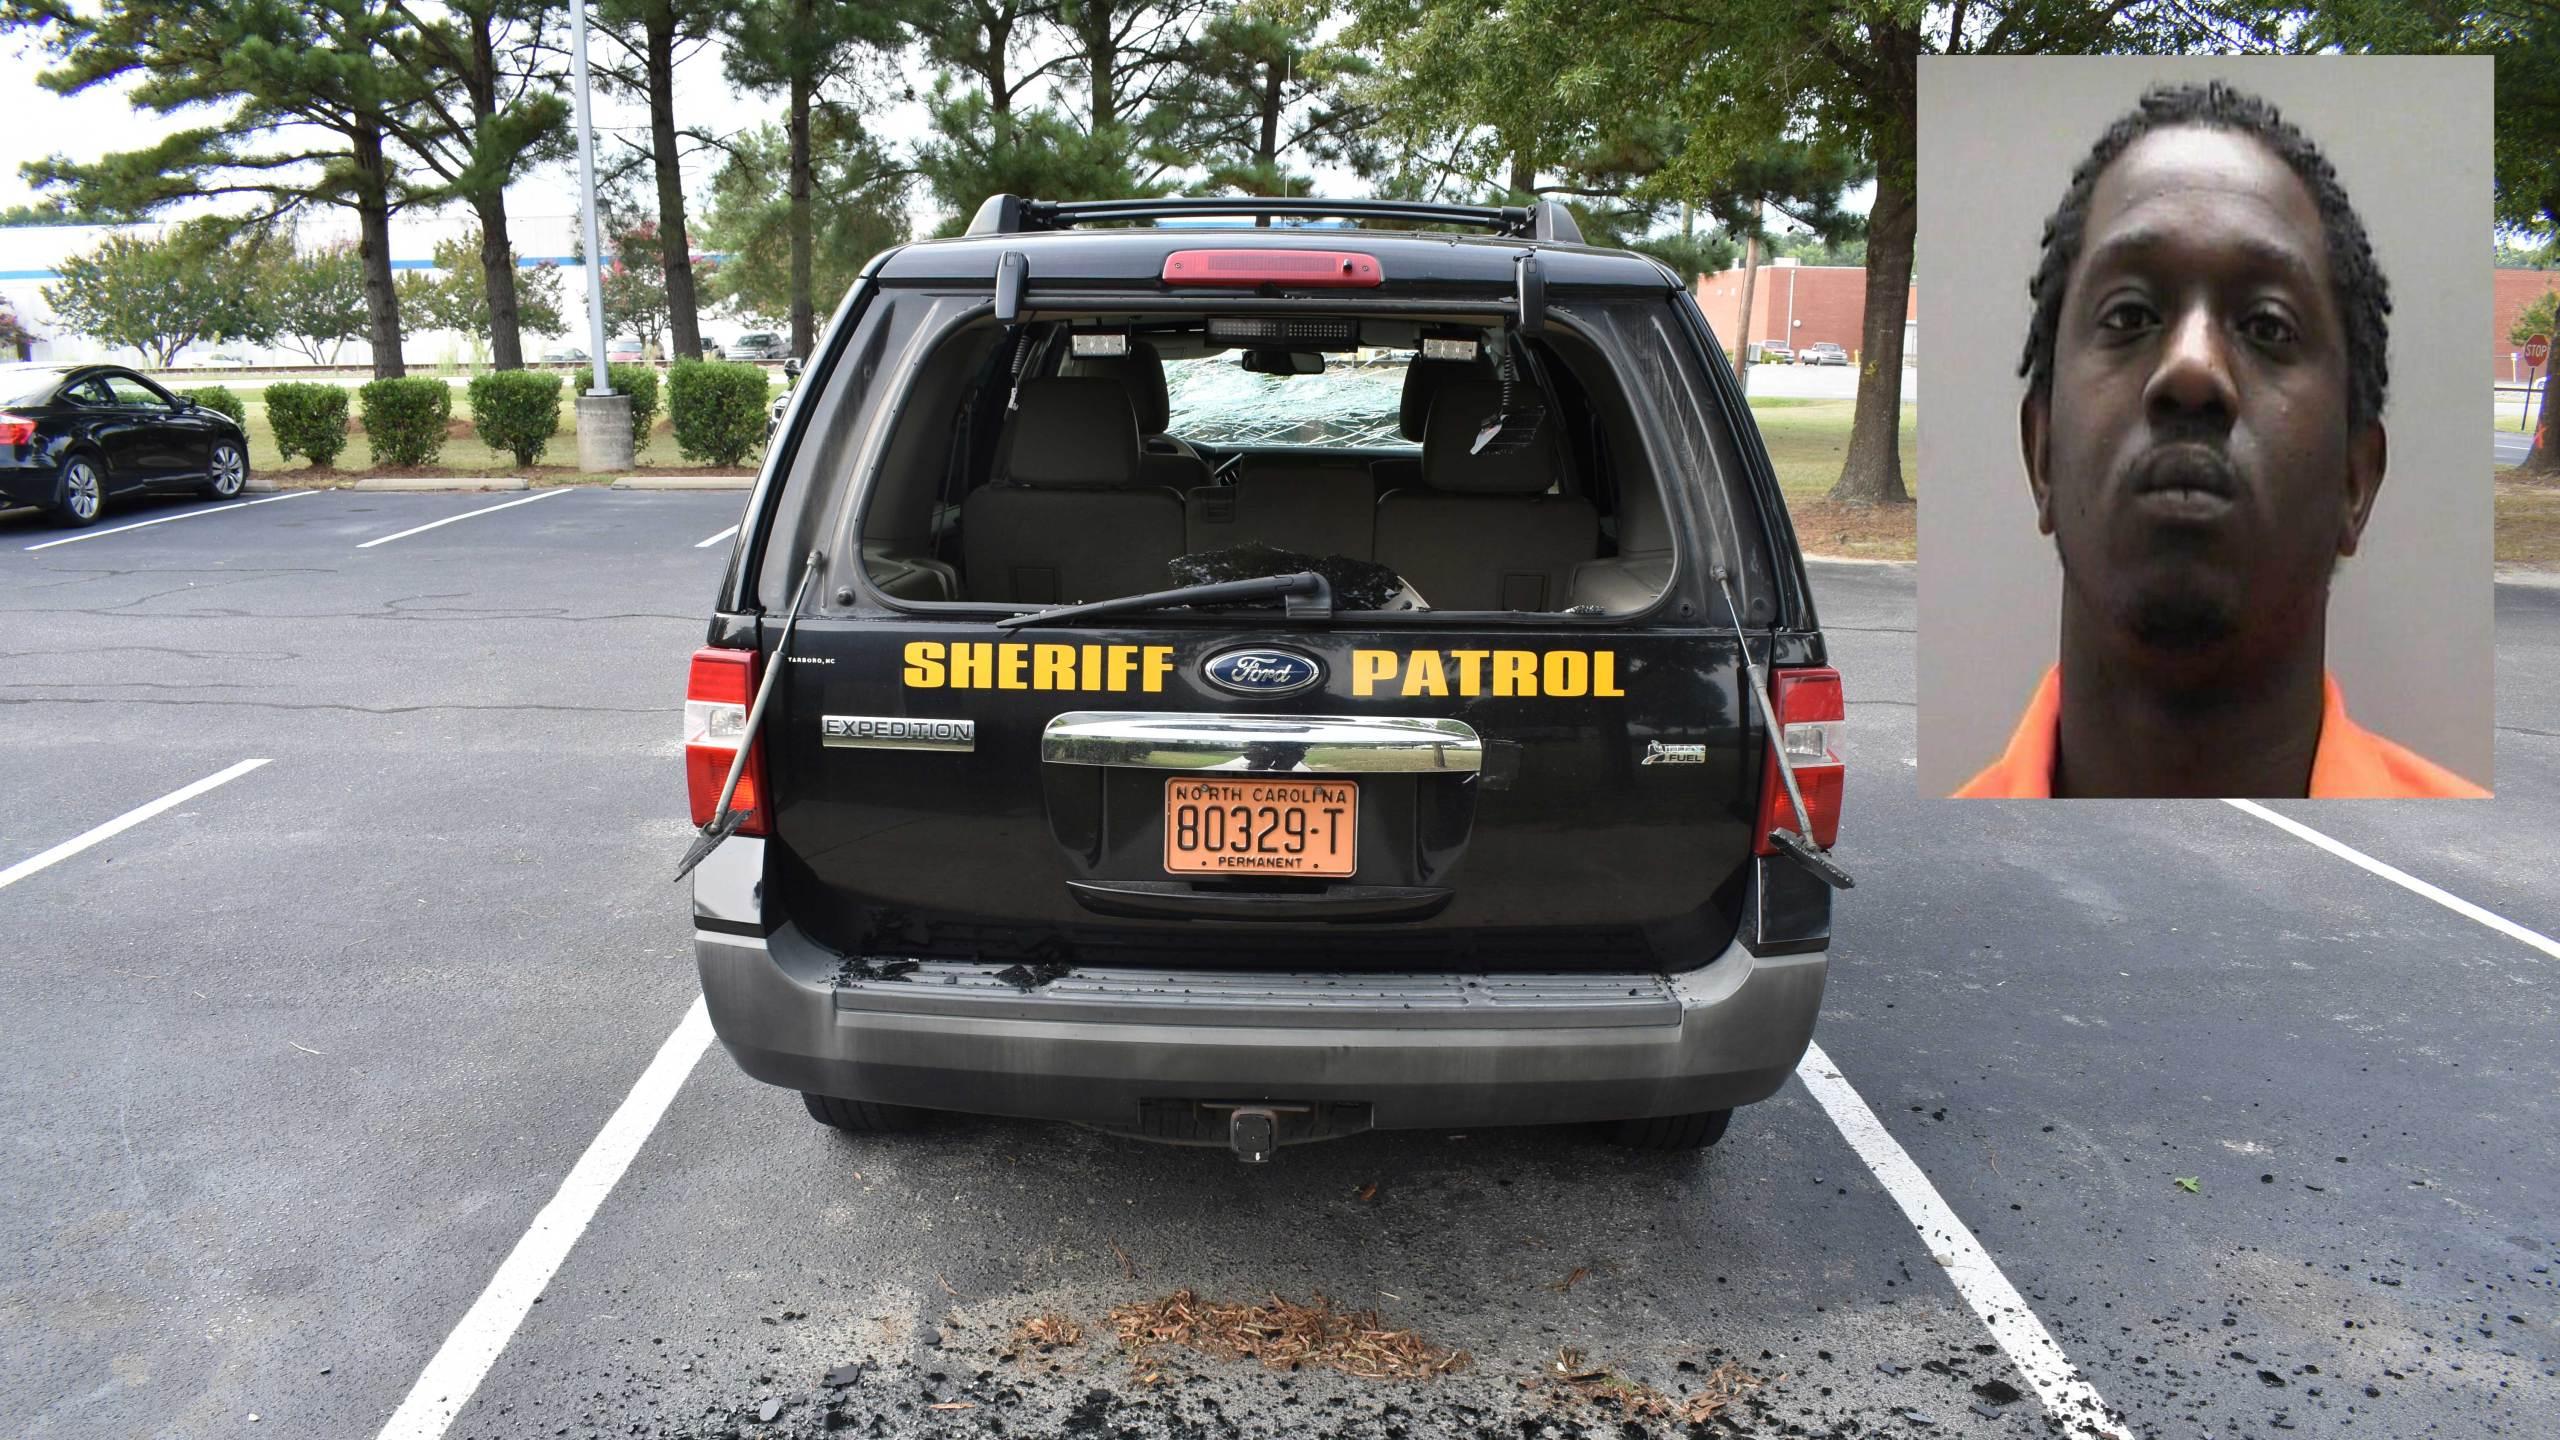 car-damage-with-mug_1531942186918.jpg